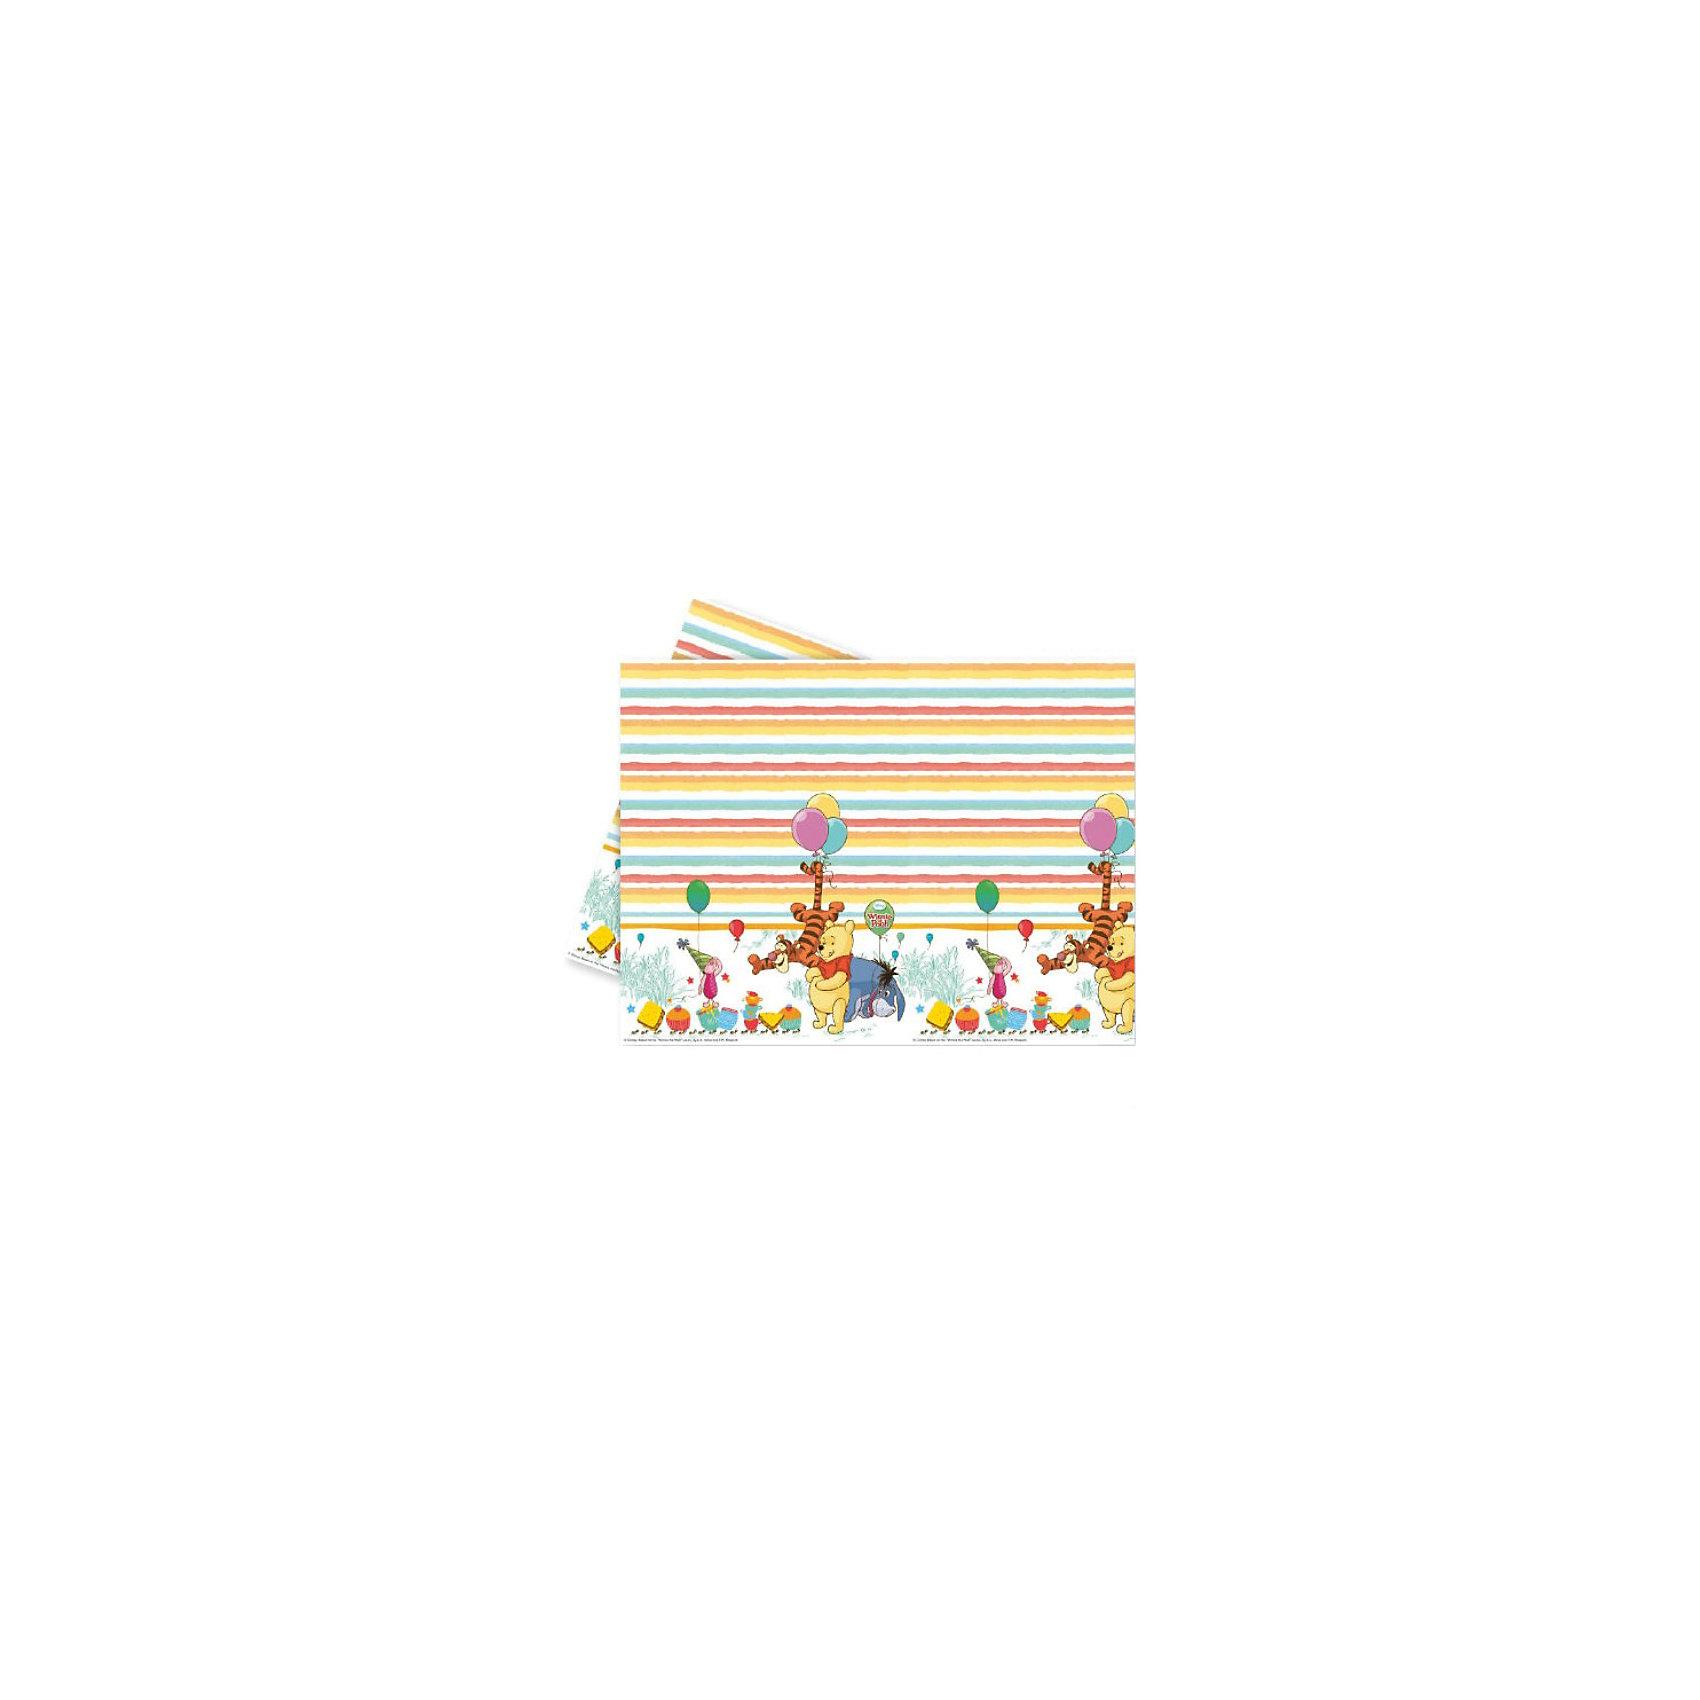 Скатерть  Винни и Хрюня, 120x180 смDisney Винни Пух<br>Скатерть  Винни и Хрюня 120x180 см.<br>Одноразовая скатерть незаменима, если вы собираетесь отмечать детский день рождения. Маленькие гости часто бывают неосторожны, и чтобы не переживать за фамильную белоснежную скатерть, на которой обязательно останутся пятна после торжества, воспользуйтесь одноразовой. Тем более что на скатерти Винни-Пух и Пятачок изображены чудесные герои доброго мультсериала, любимого и детьми, и взрослыми. Медвежонок и поросенок понравятся вашим гостям и помогут создать уютную и веселую атмосферу во время праздника.  <br>Скатерть изготовлена греческим брендом Procos, хорошо зарекомендовавшим себя на протяжение многих лет на рынке товаров для детского праздника. Размер товара: 120х180 см.<br><br><br>Дополнительная информация:<br><br>10х200х360 мм<br><br>Поднимет настроение всей компании Вашего малыша!<br>Легко приобрести в нашем интернет-магазине!<br><br>Ширина мм: 10<br>Глубина мм: 200<br>Высота мм: 360<br>Вес г: 112<br>Возраст от месяцев: 36<br>Возраст до месяцев: 84<br>Пол: Унисекс<br>Возраст: Детский<br>SKU: 3360086